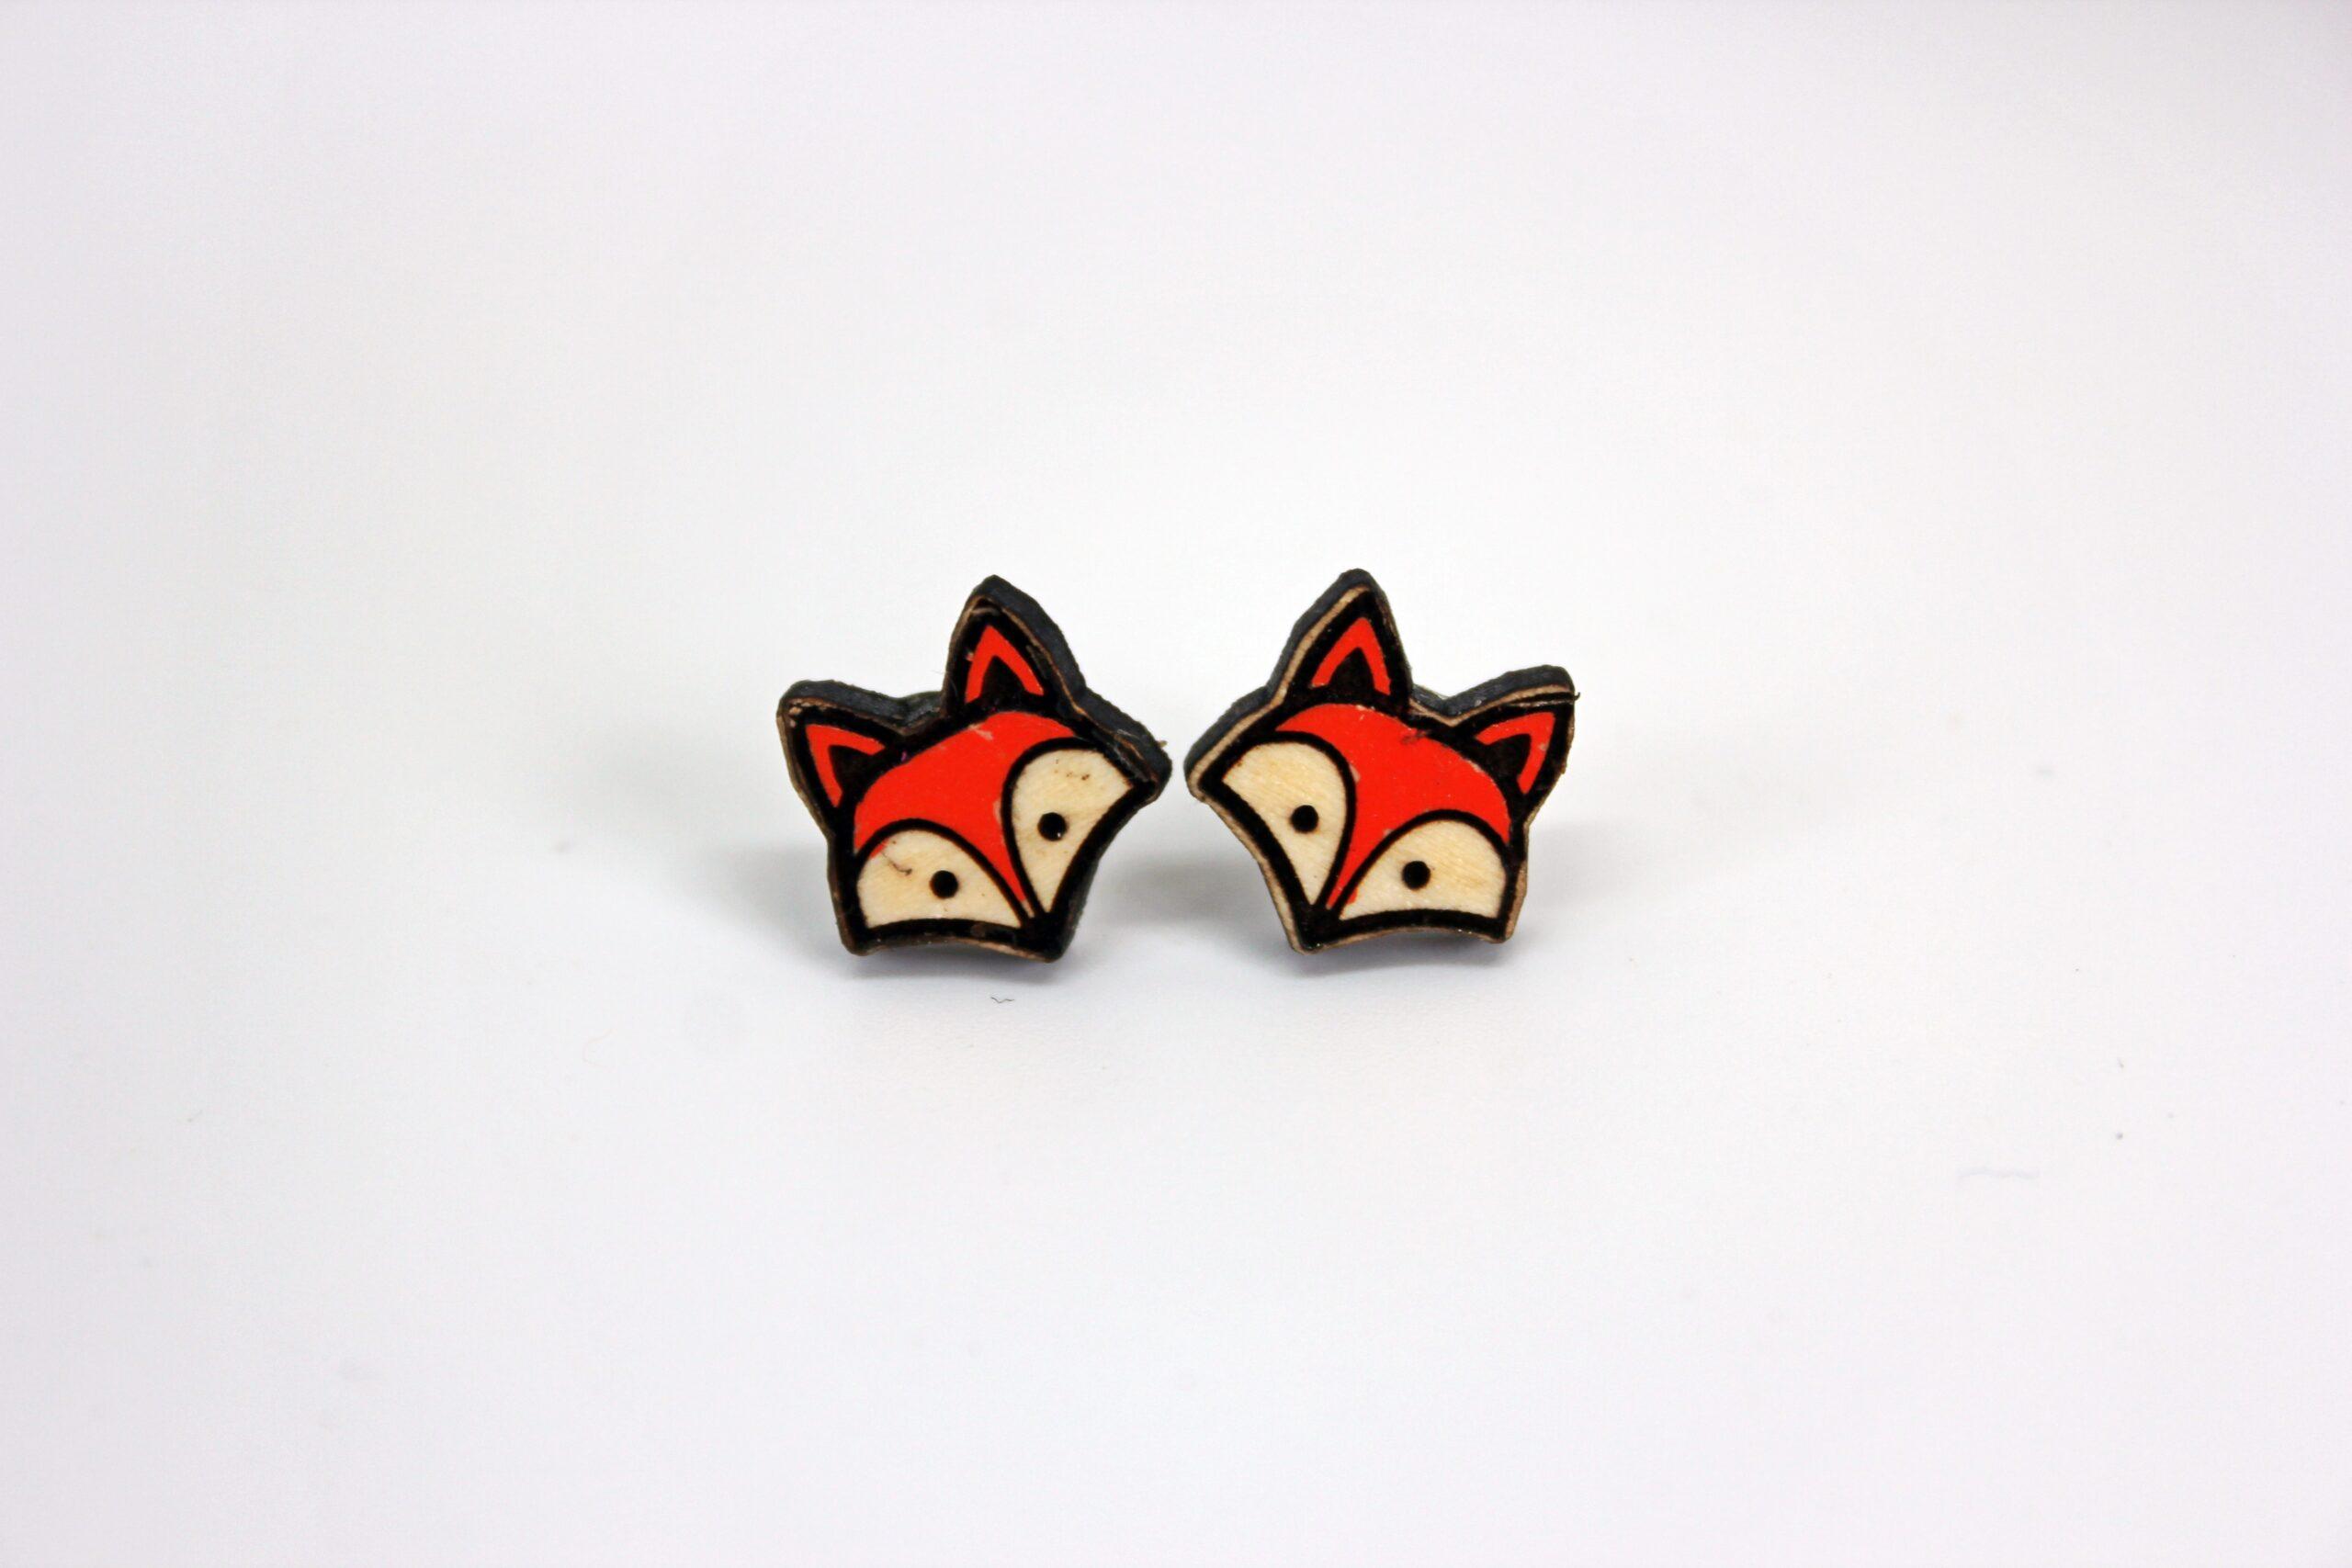 Handcrafted fox head wooden stud earrings